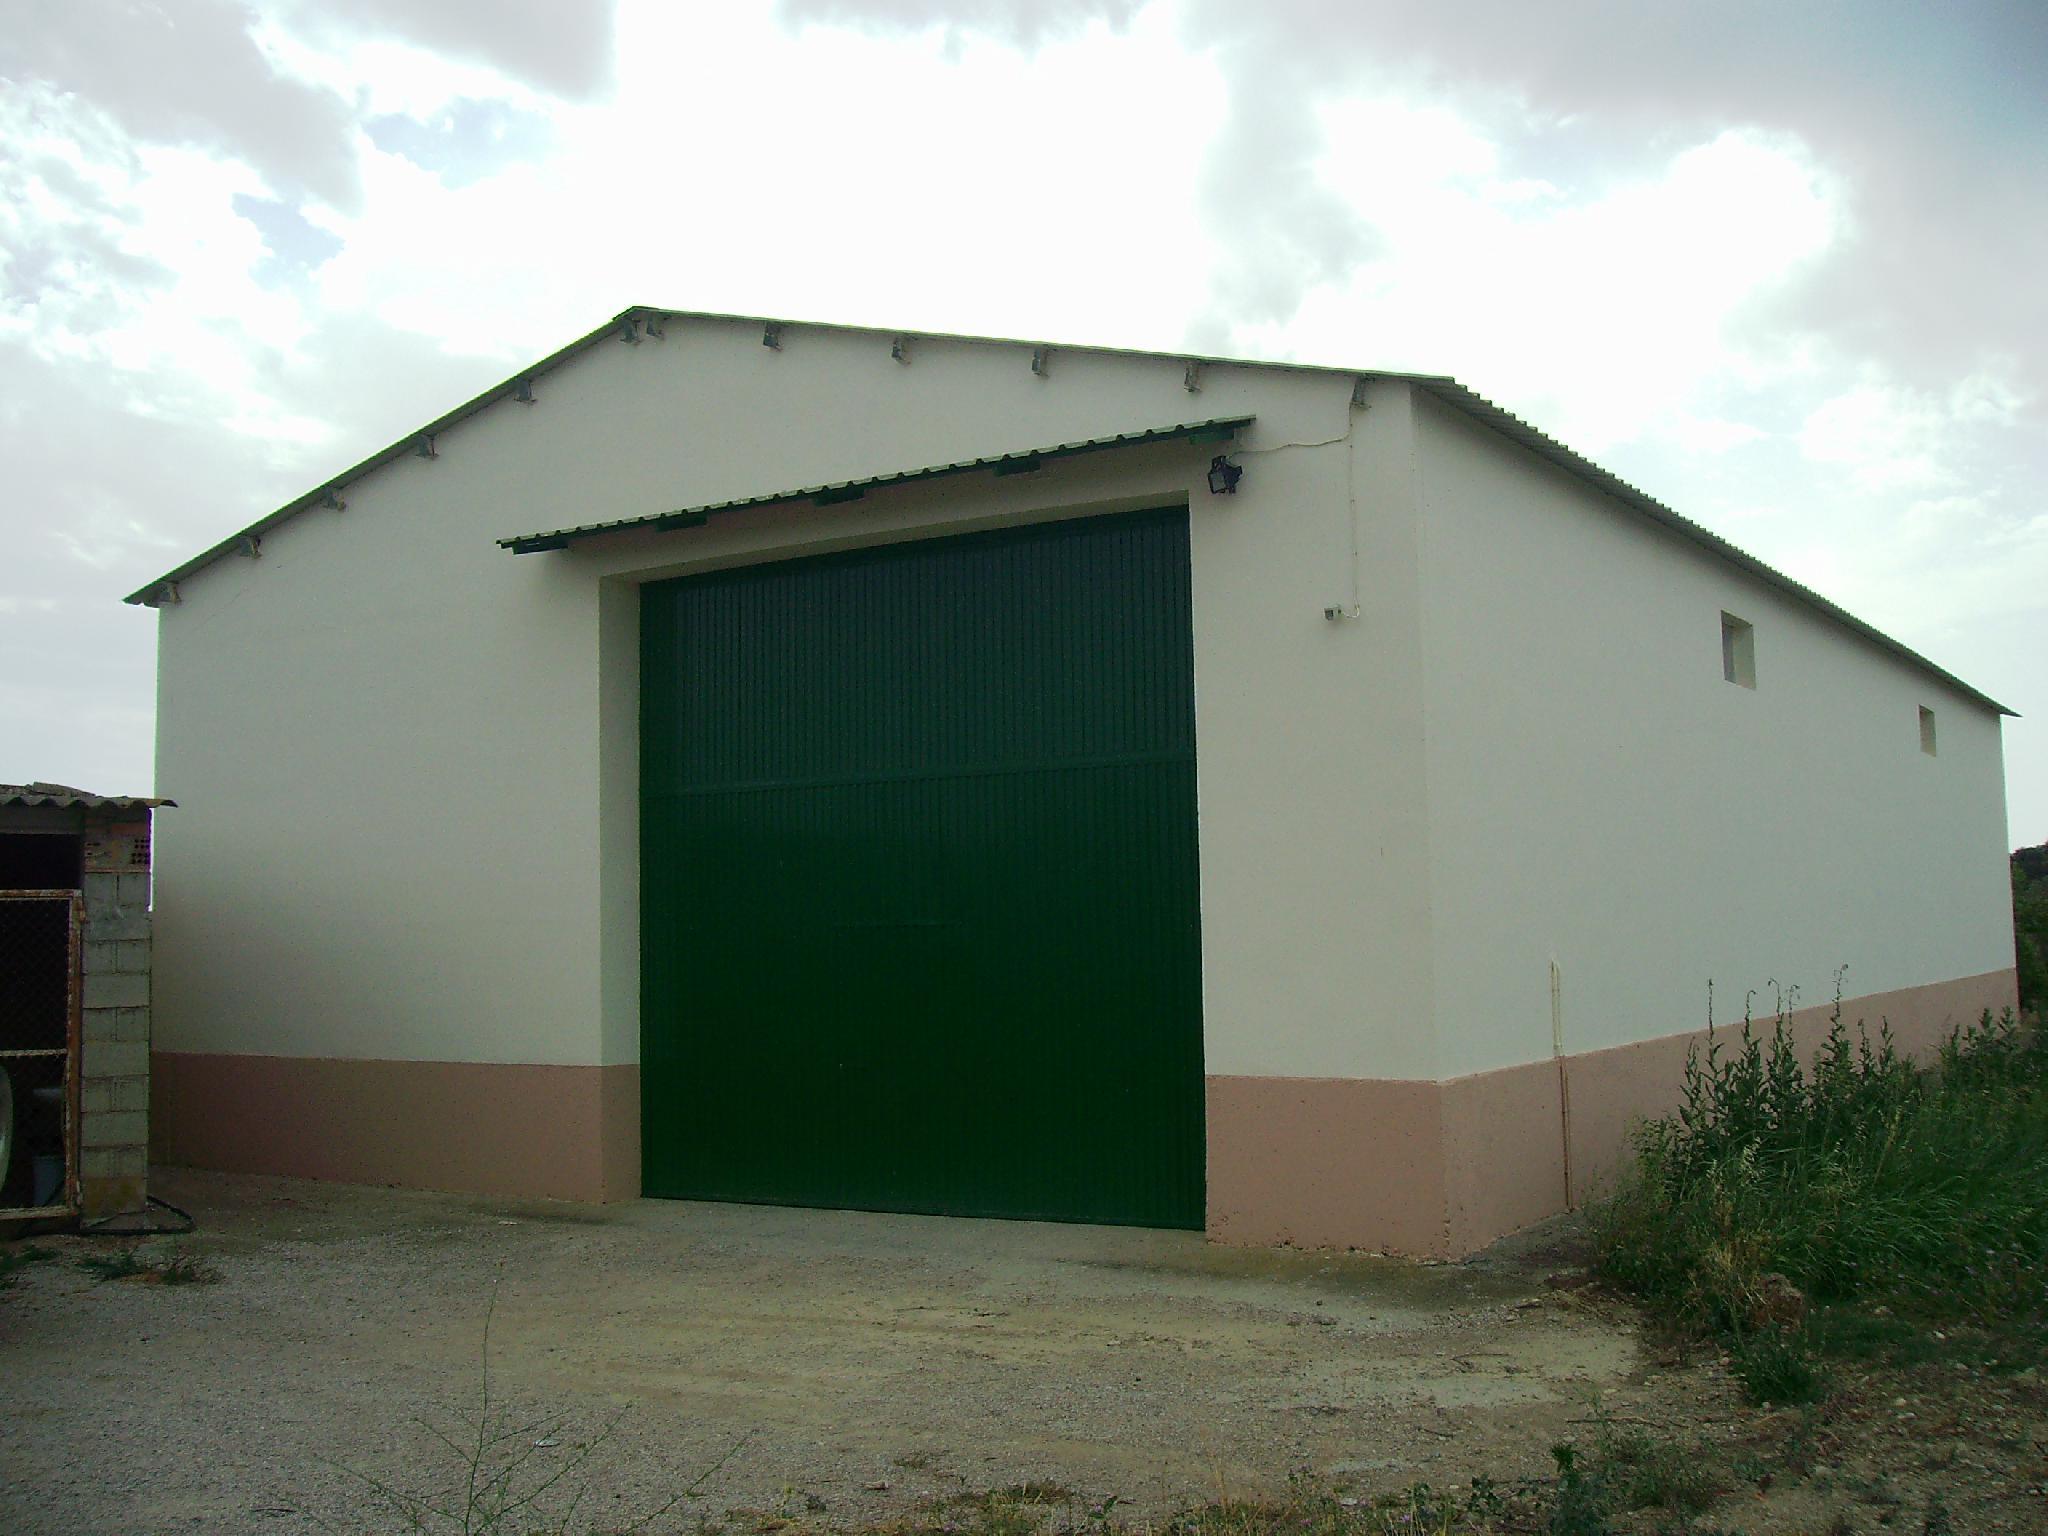 122403 - En la entrada al pueblo de Cregenzán